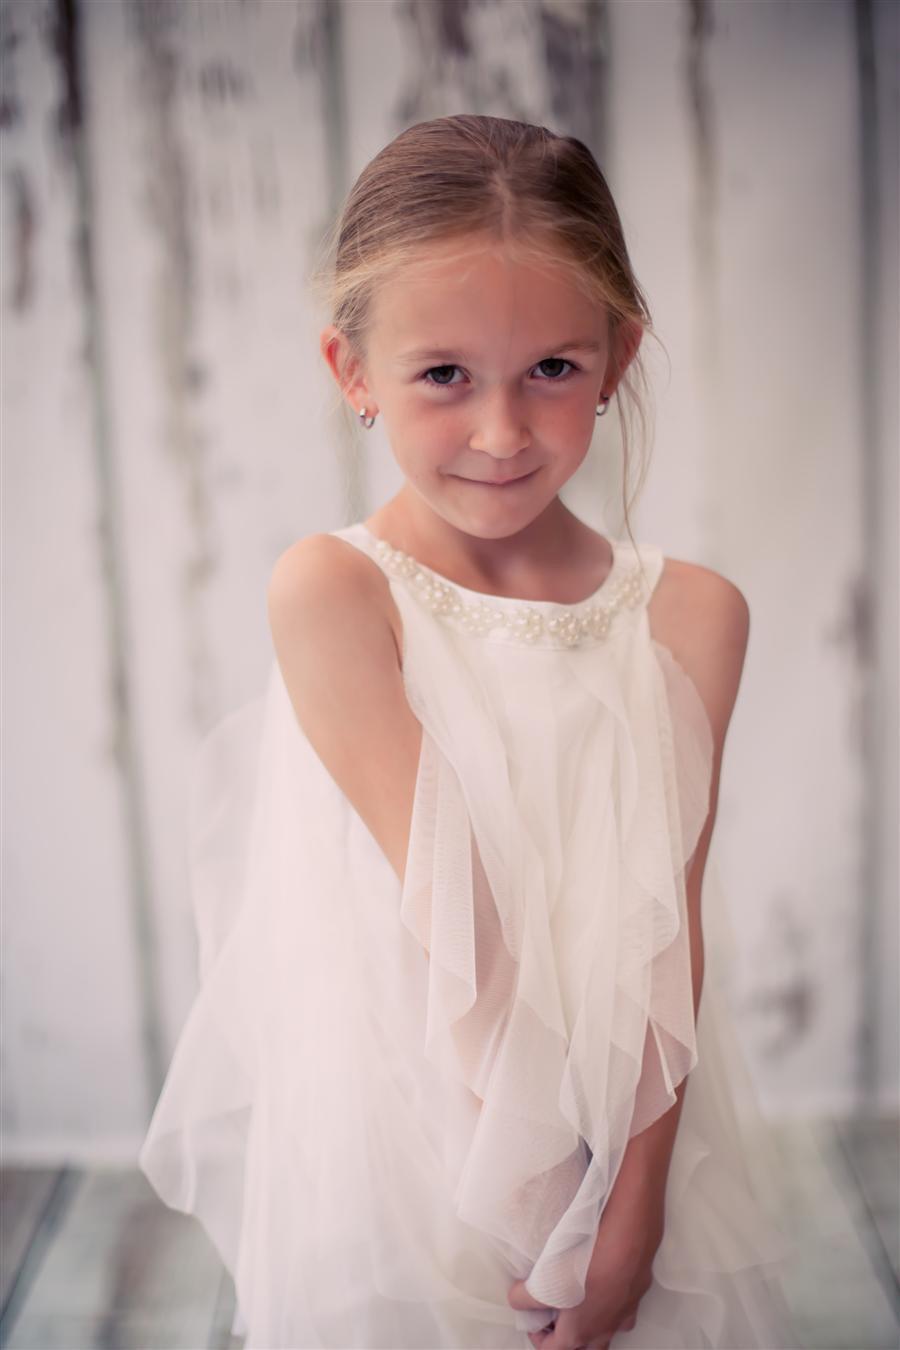 シンプルコレクション〜女の子のメッシュフリルドレス「Simple Collection Girl Mesh Ruffle Dress」2歳から12歳